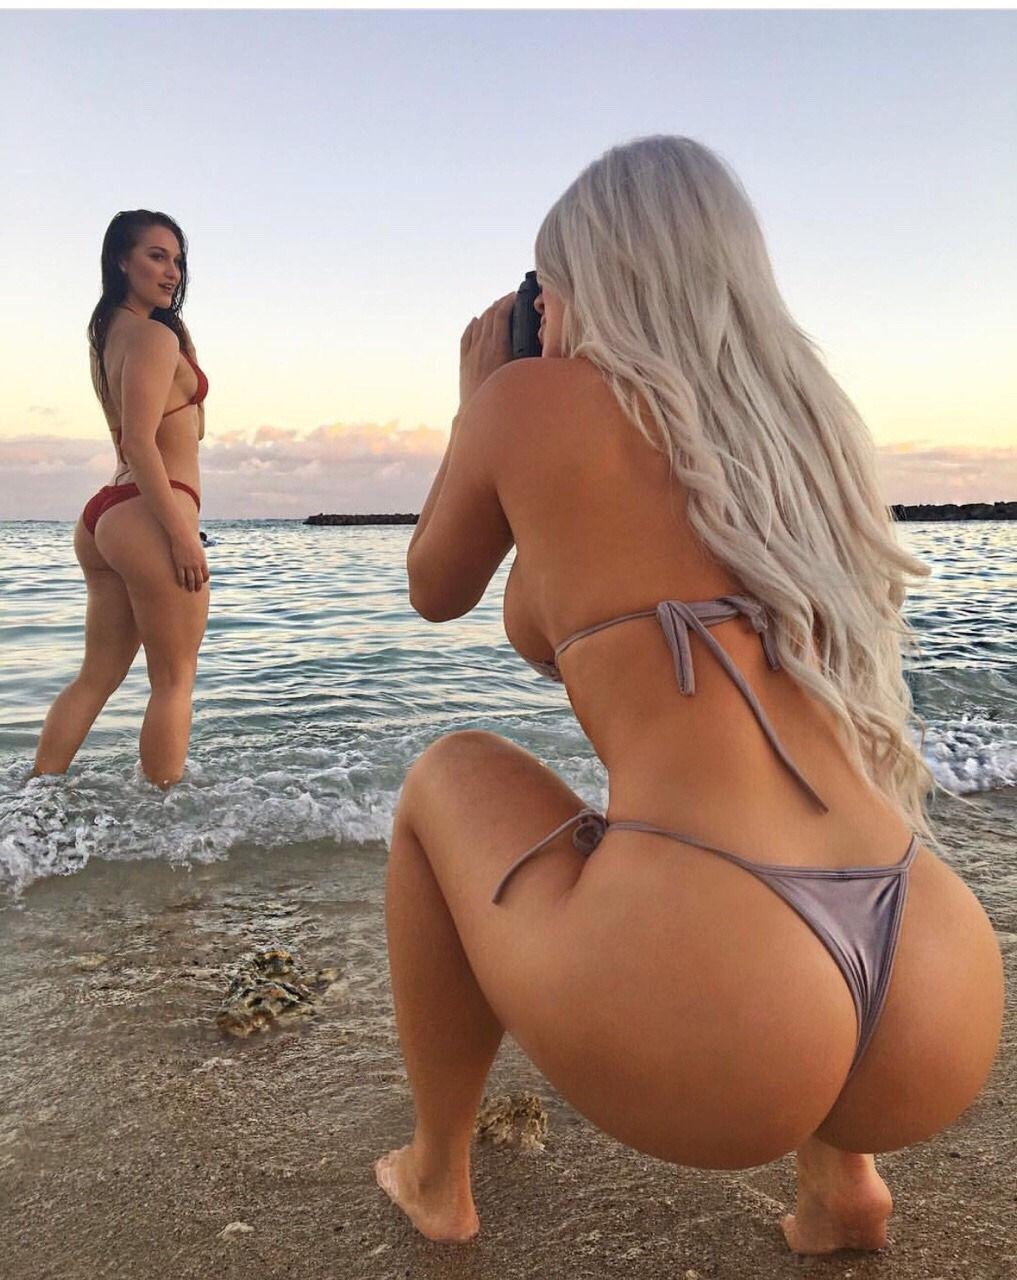 Pair of beach hotties..